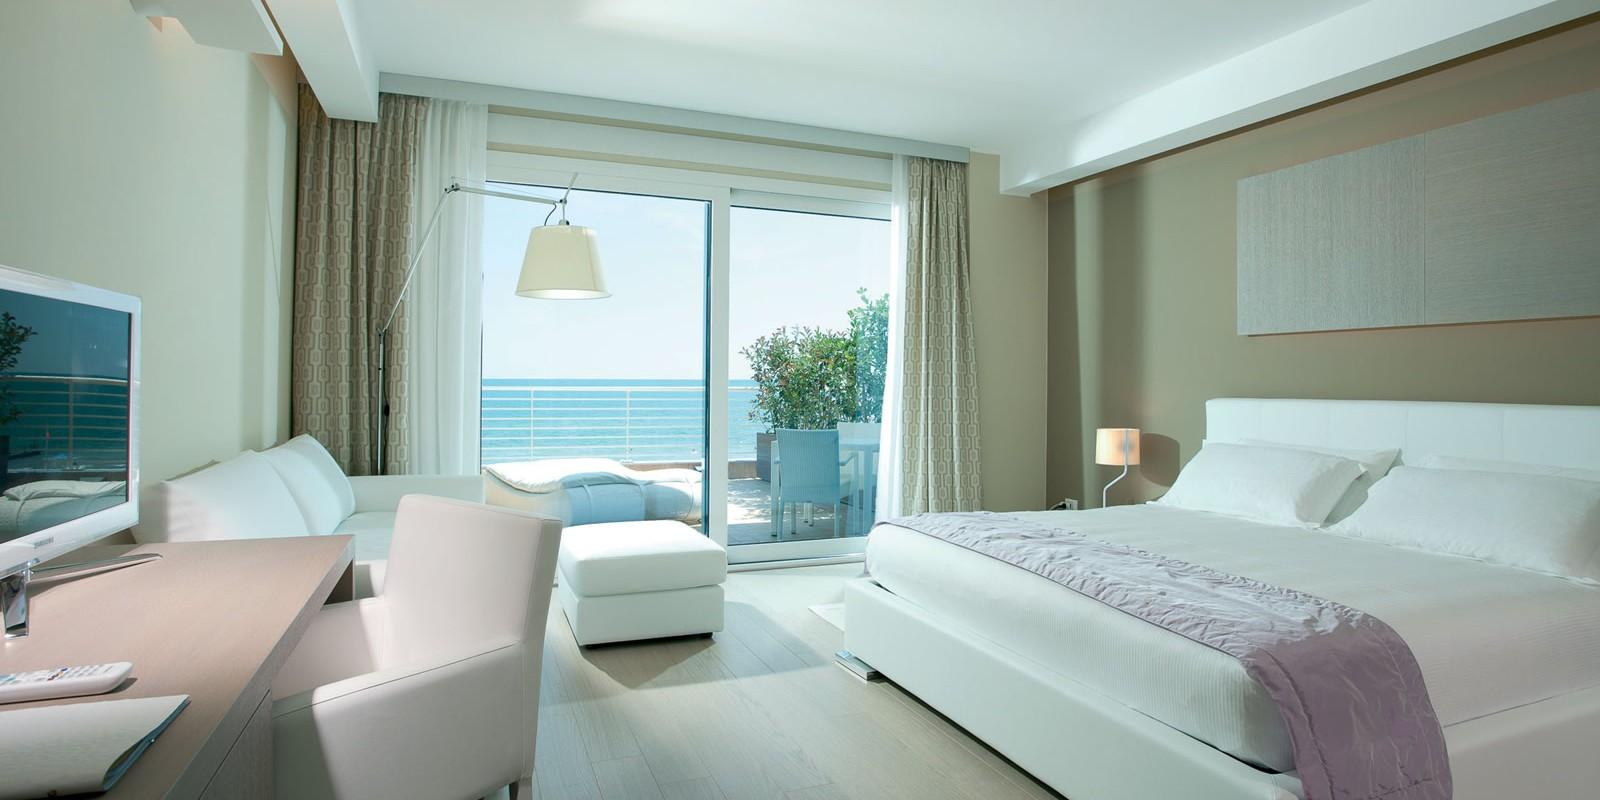 Sterne Hotels In Jesolo